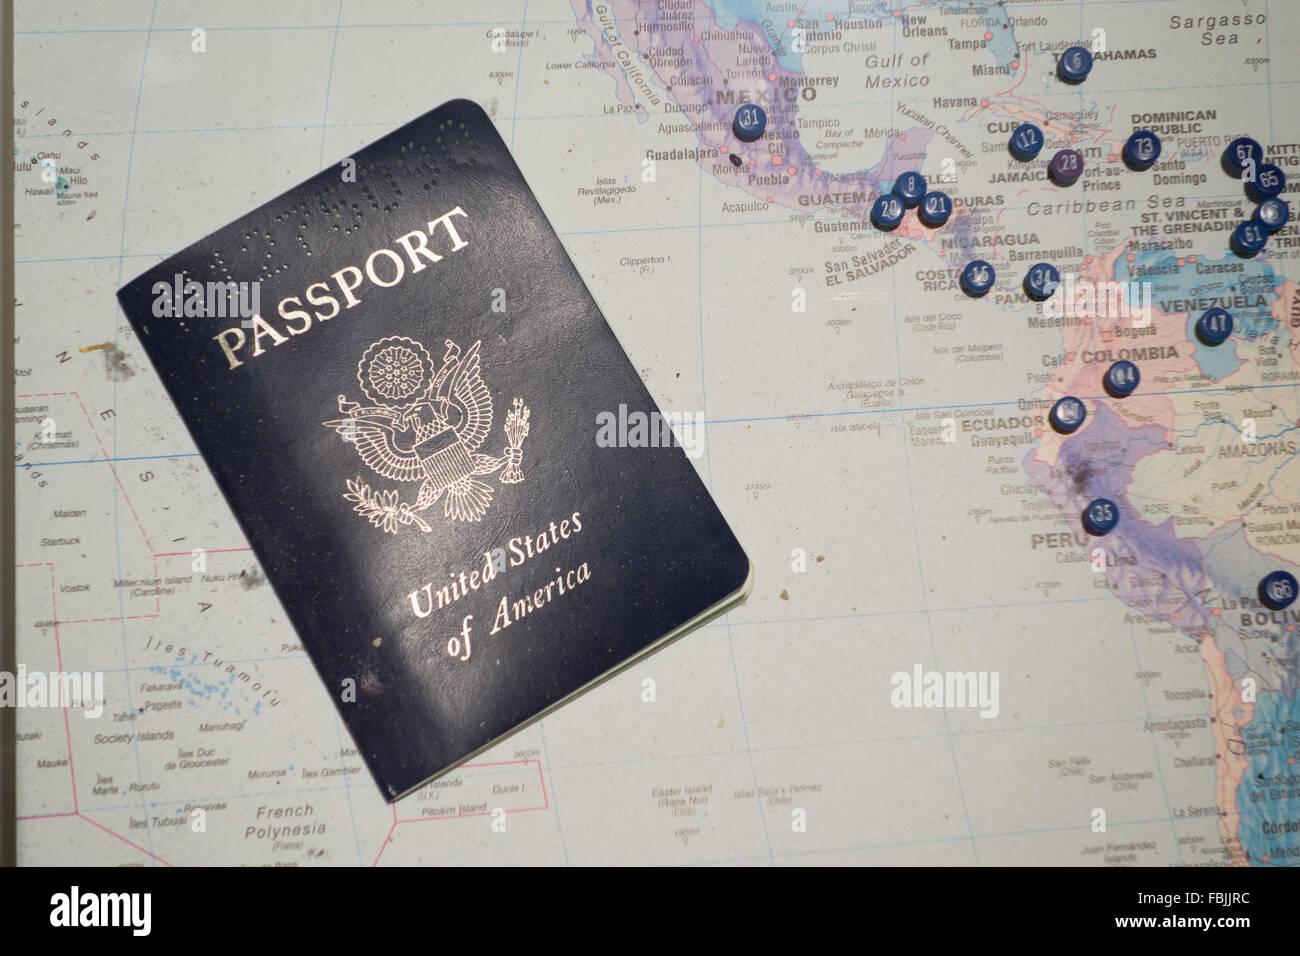 Mapa de pasaporte estadounidense la planificación del viaje Imagen De Stock